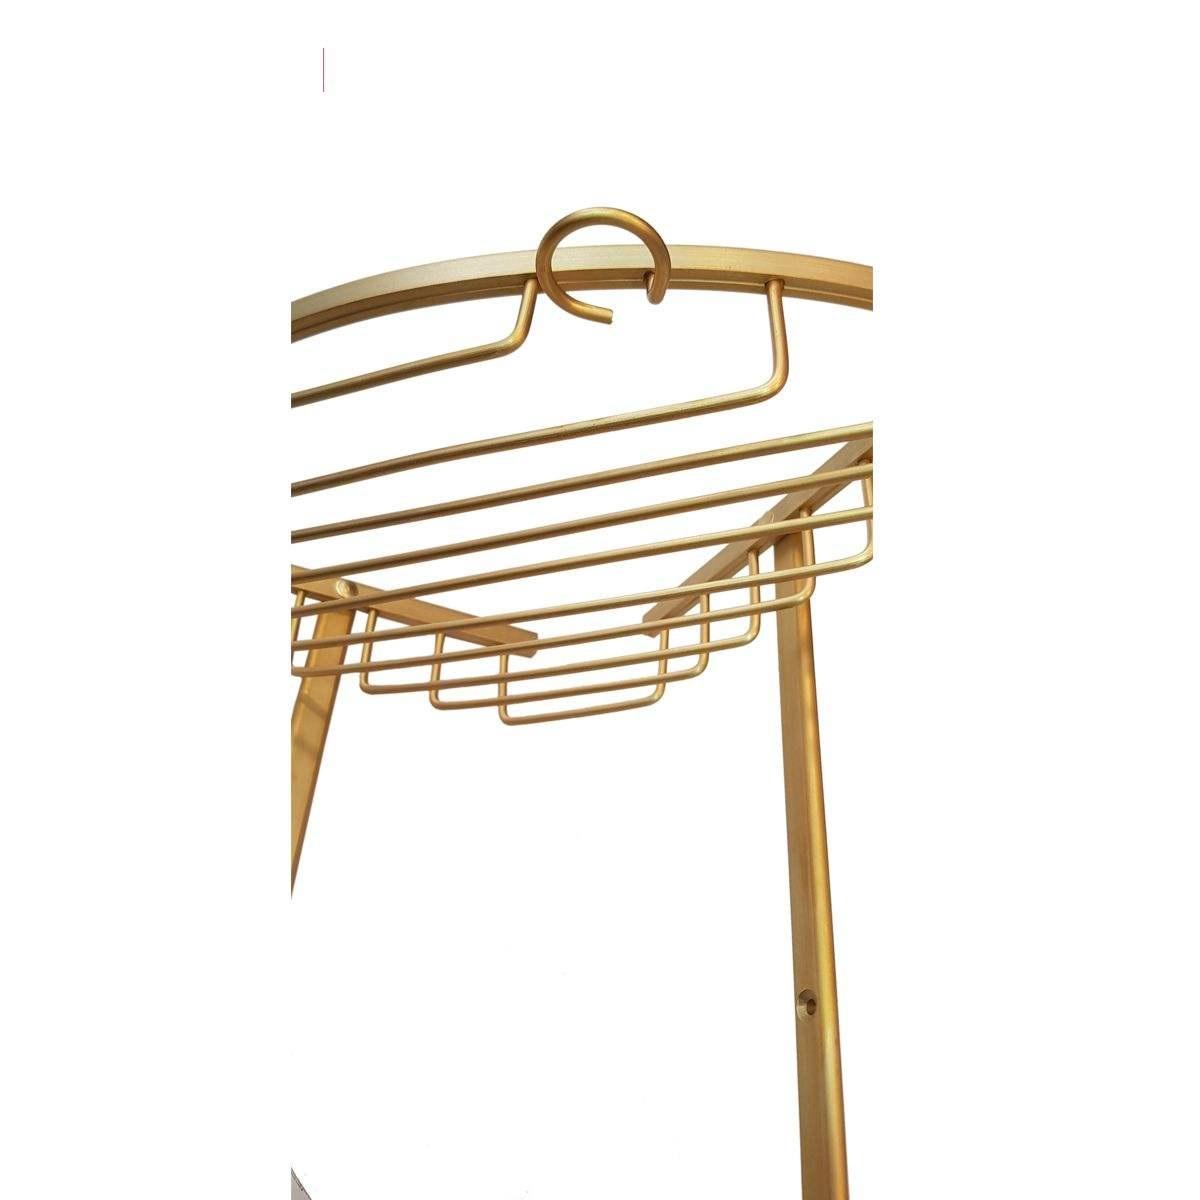 قفسه حمام مدل نوینGL1 main 1 1